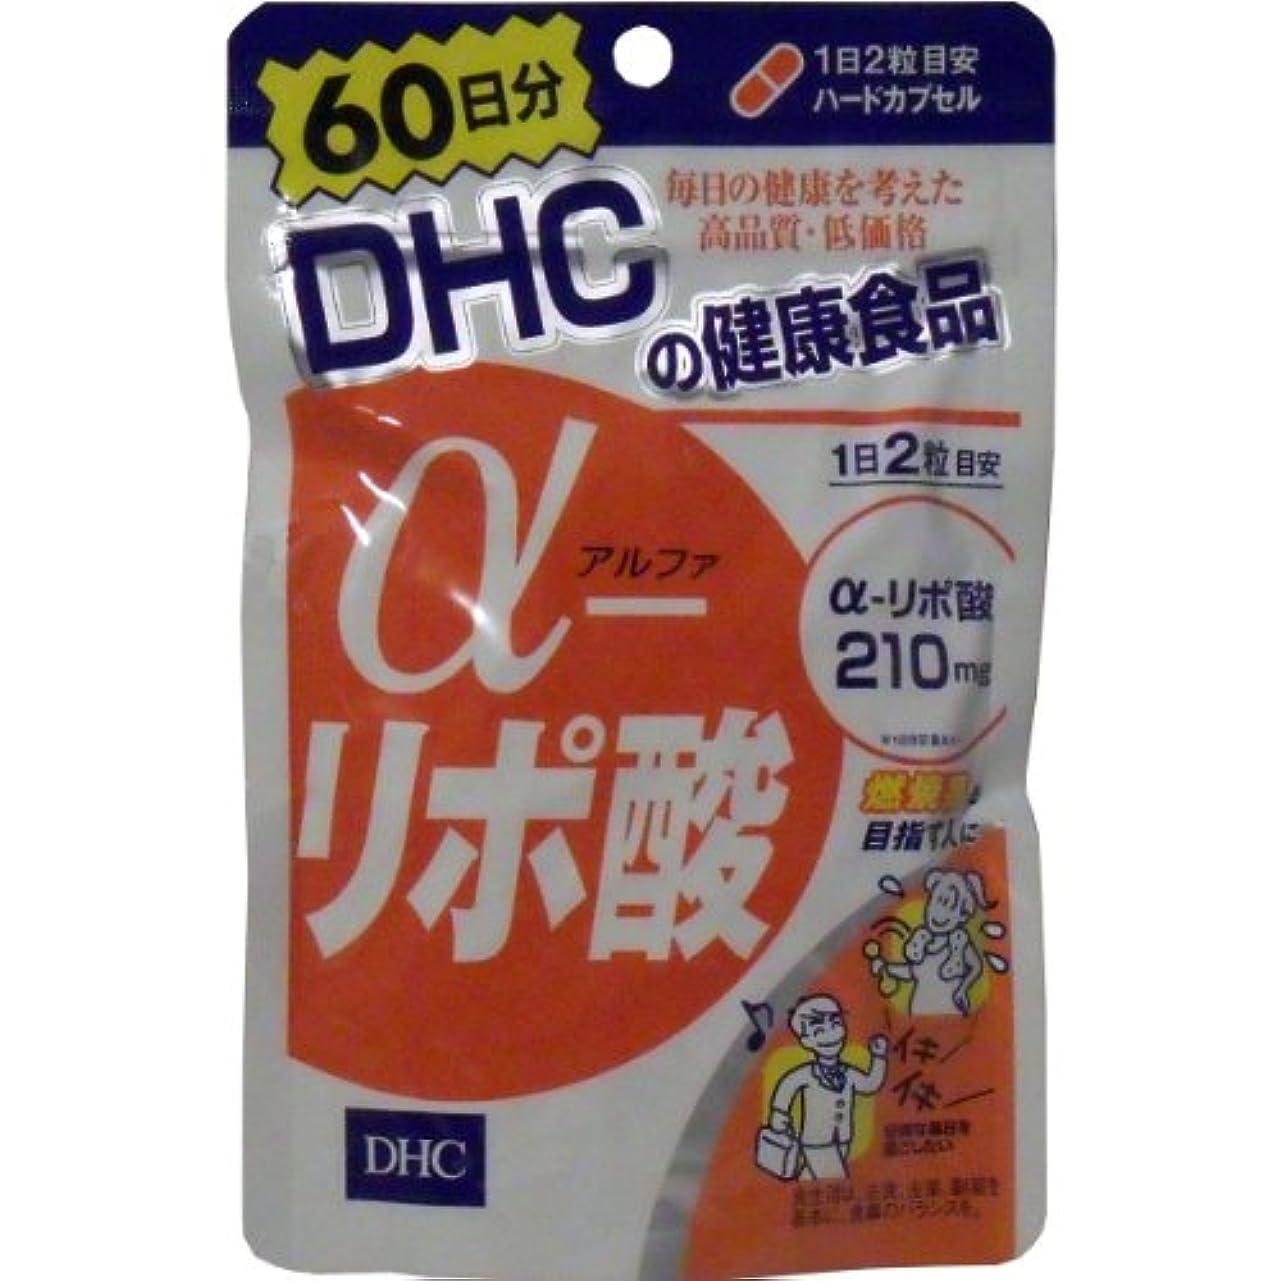 スリーブ驚くべきルートDHC α-リポ酸 120粒 60日分 ×2個セット